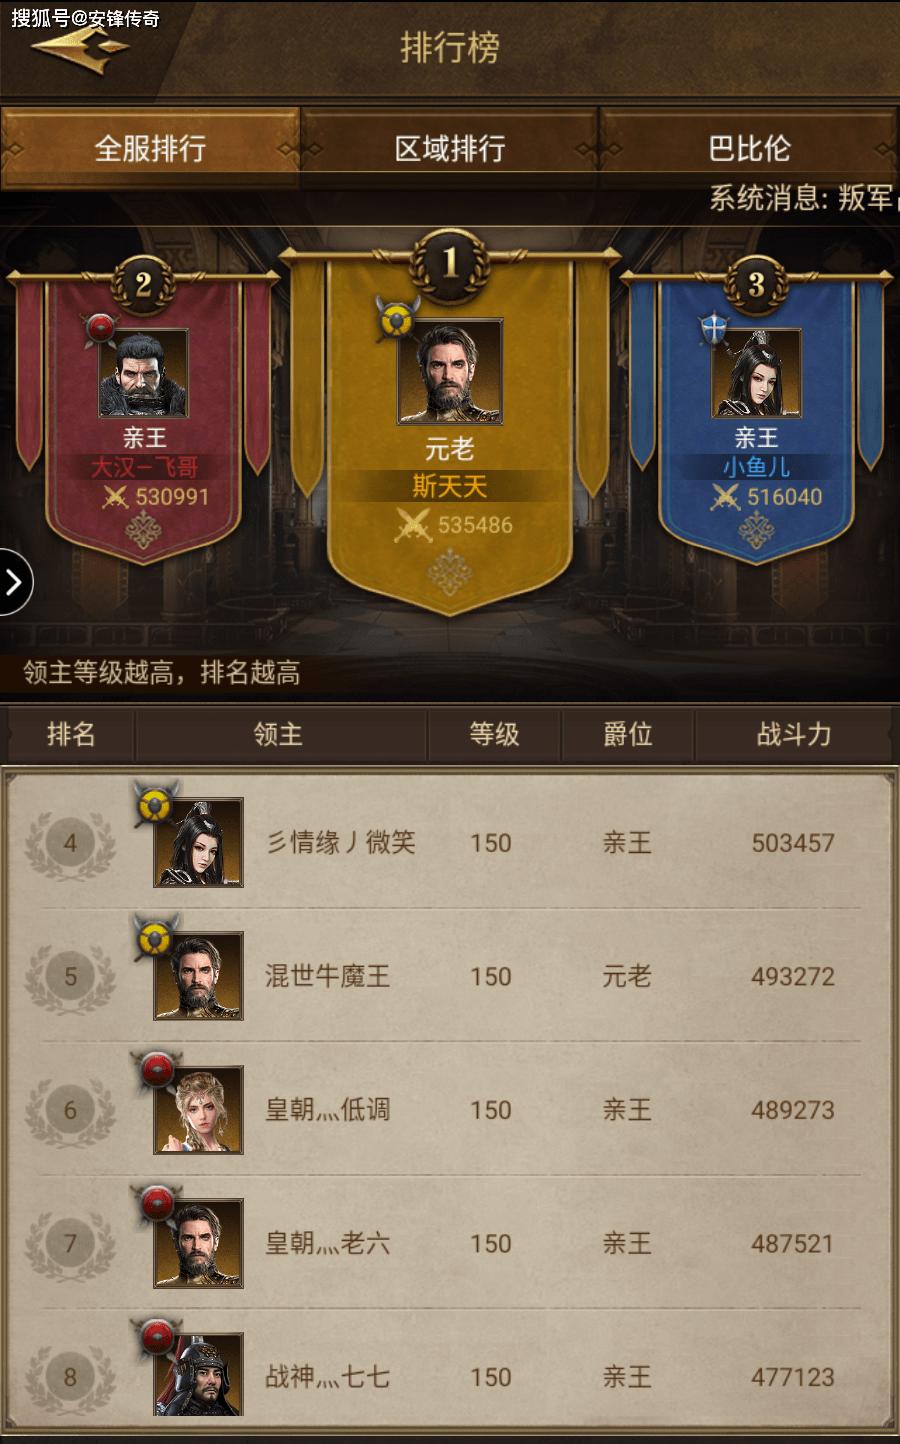 原创帝国游戏中有哪些厉害的玩家?